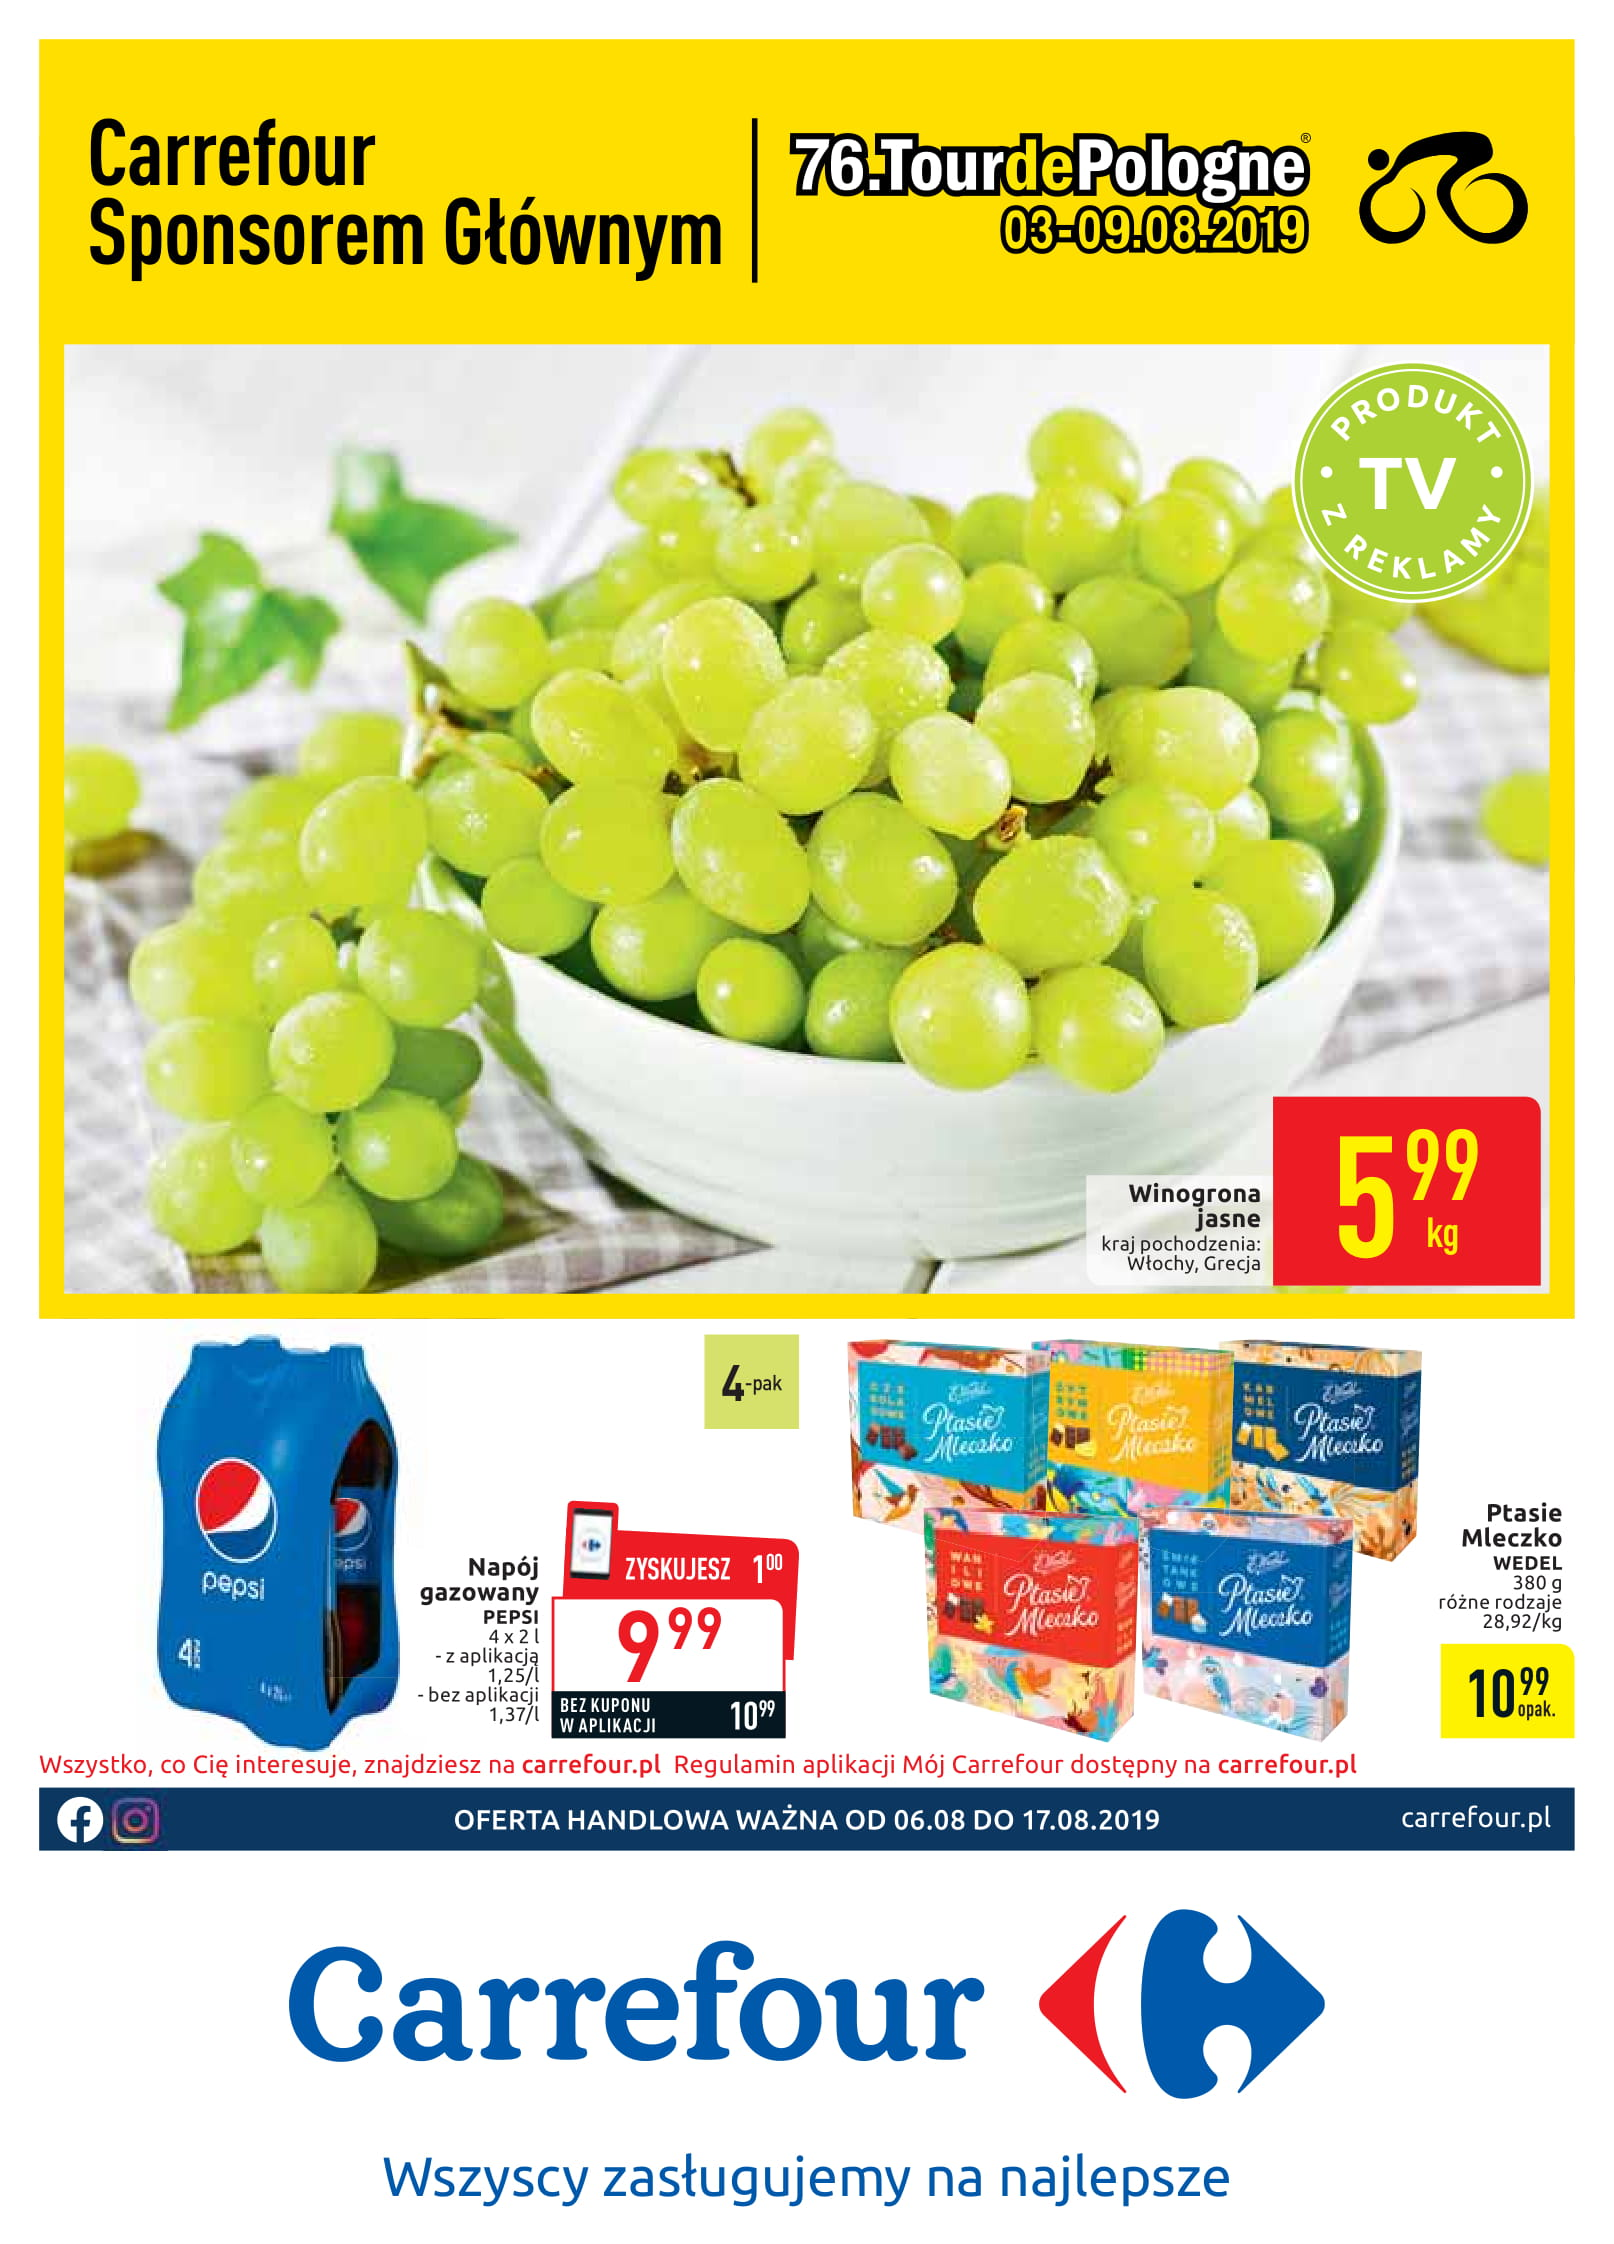 Carrefour gazetka ważna od 06.08 do 17.08